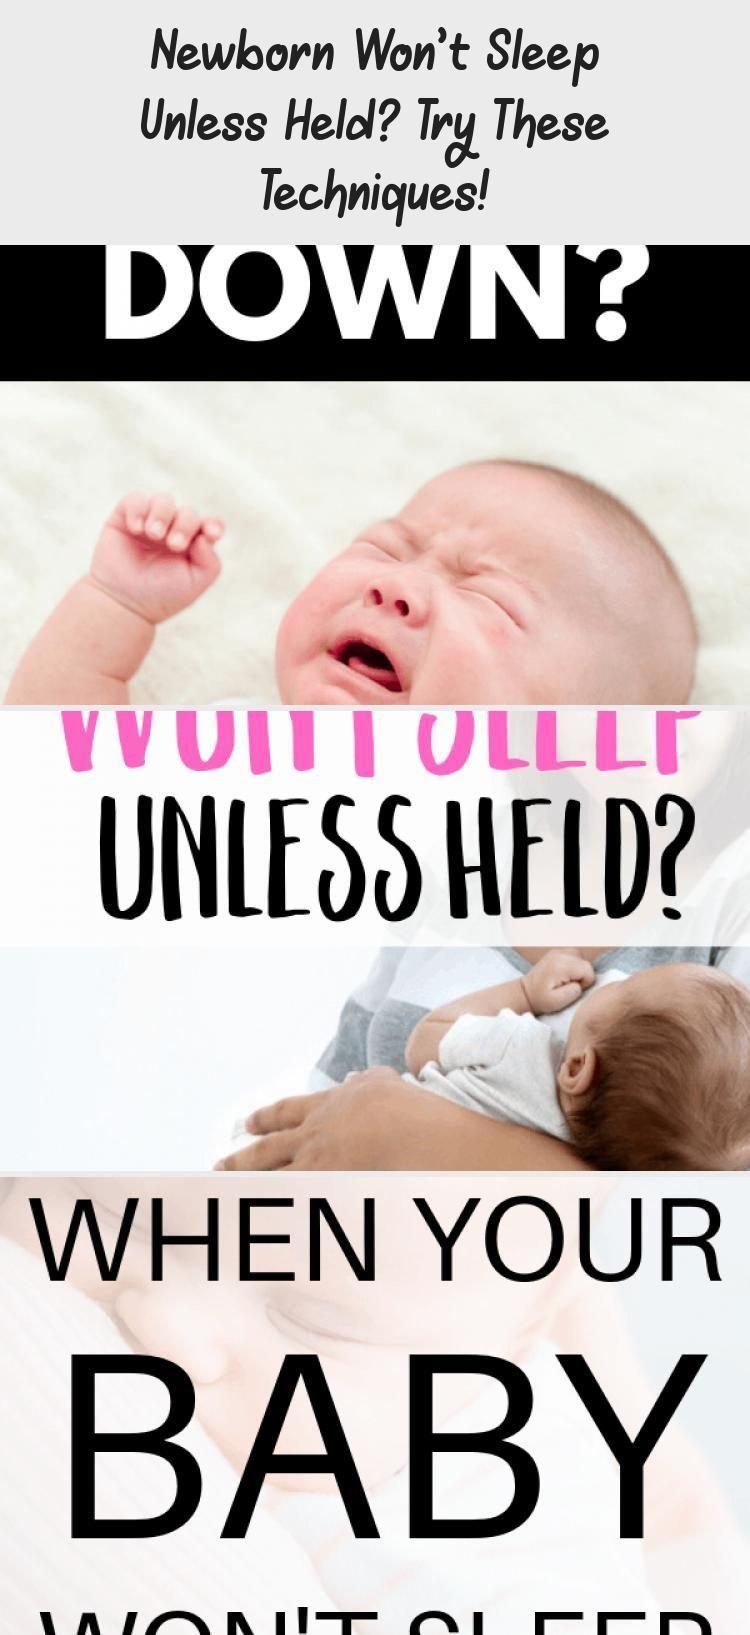 Neugeborene schlafen nicht, wenn sie nicht gehalten werden? Probieren Sie diese Techniken aus! - Ges...